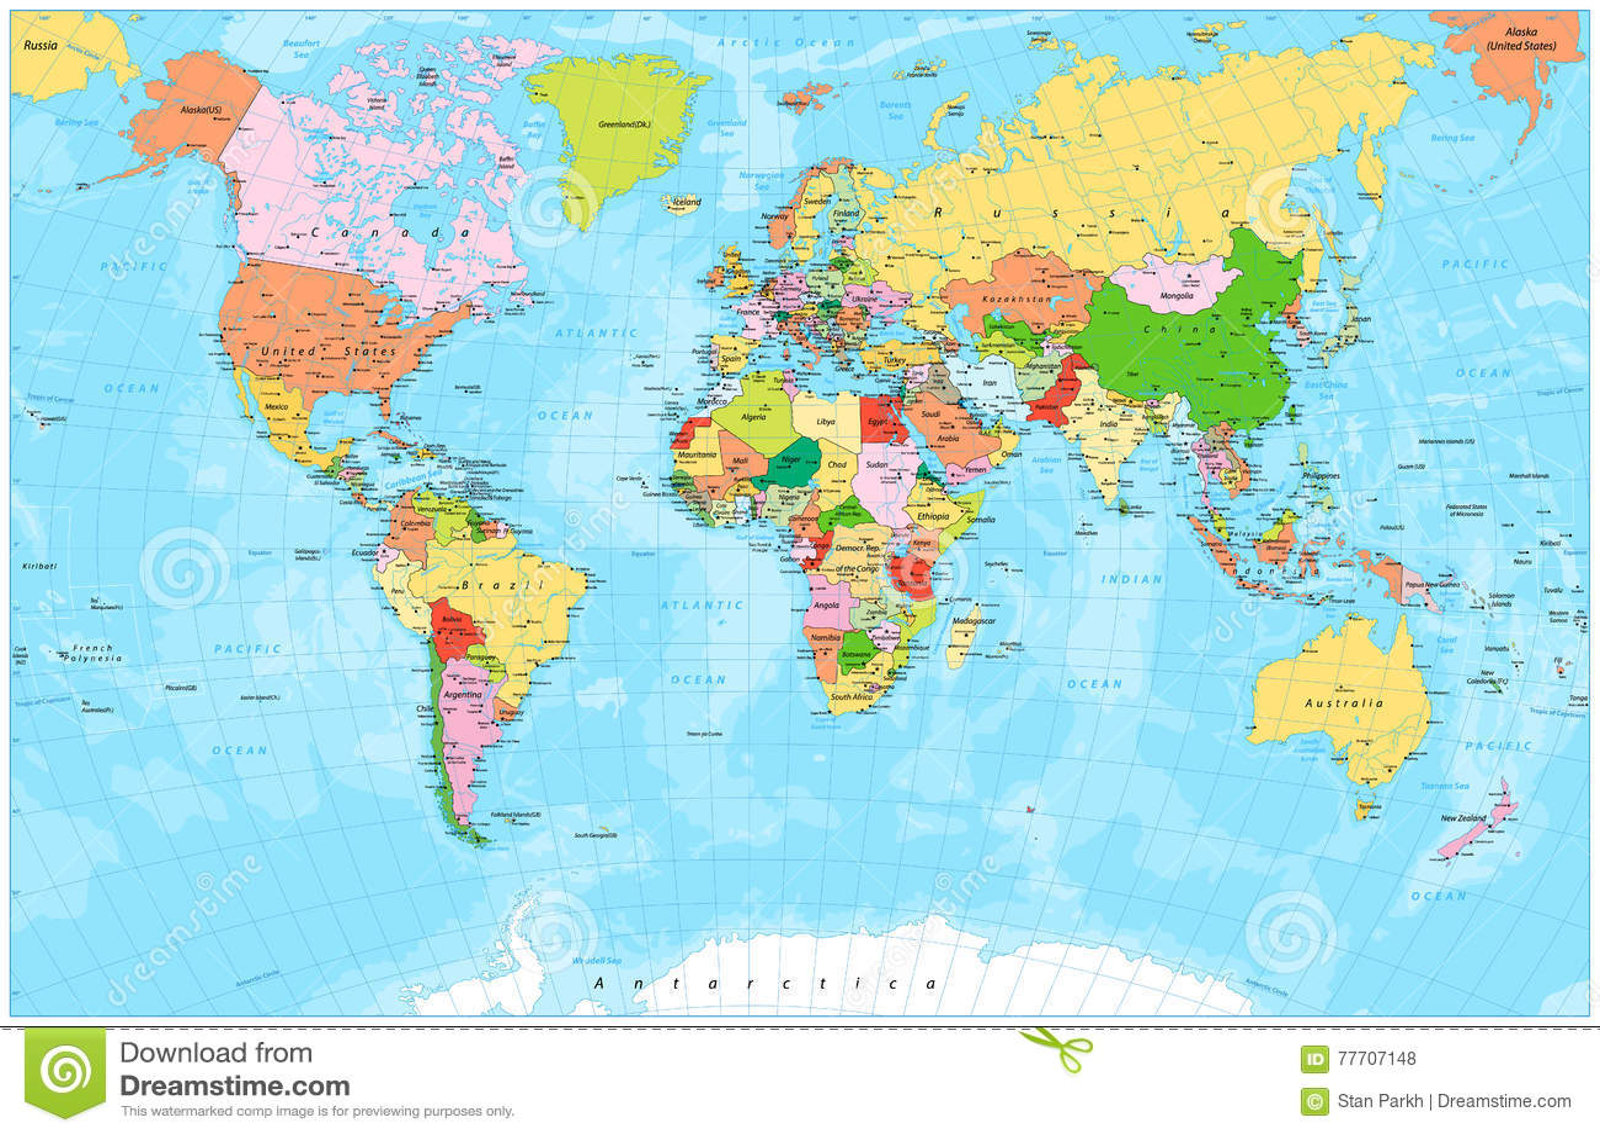 Detaljerad politisk världskarta med huvudstäder, floder och sjöar